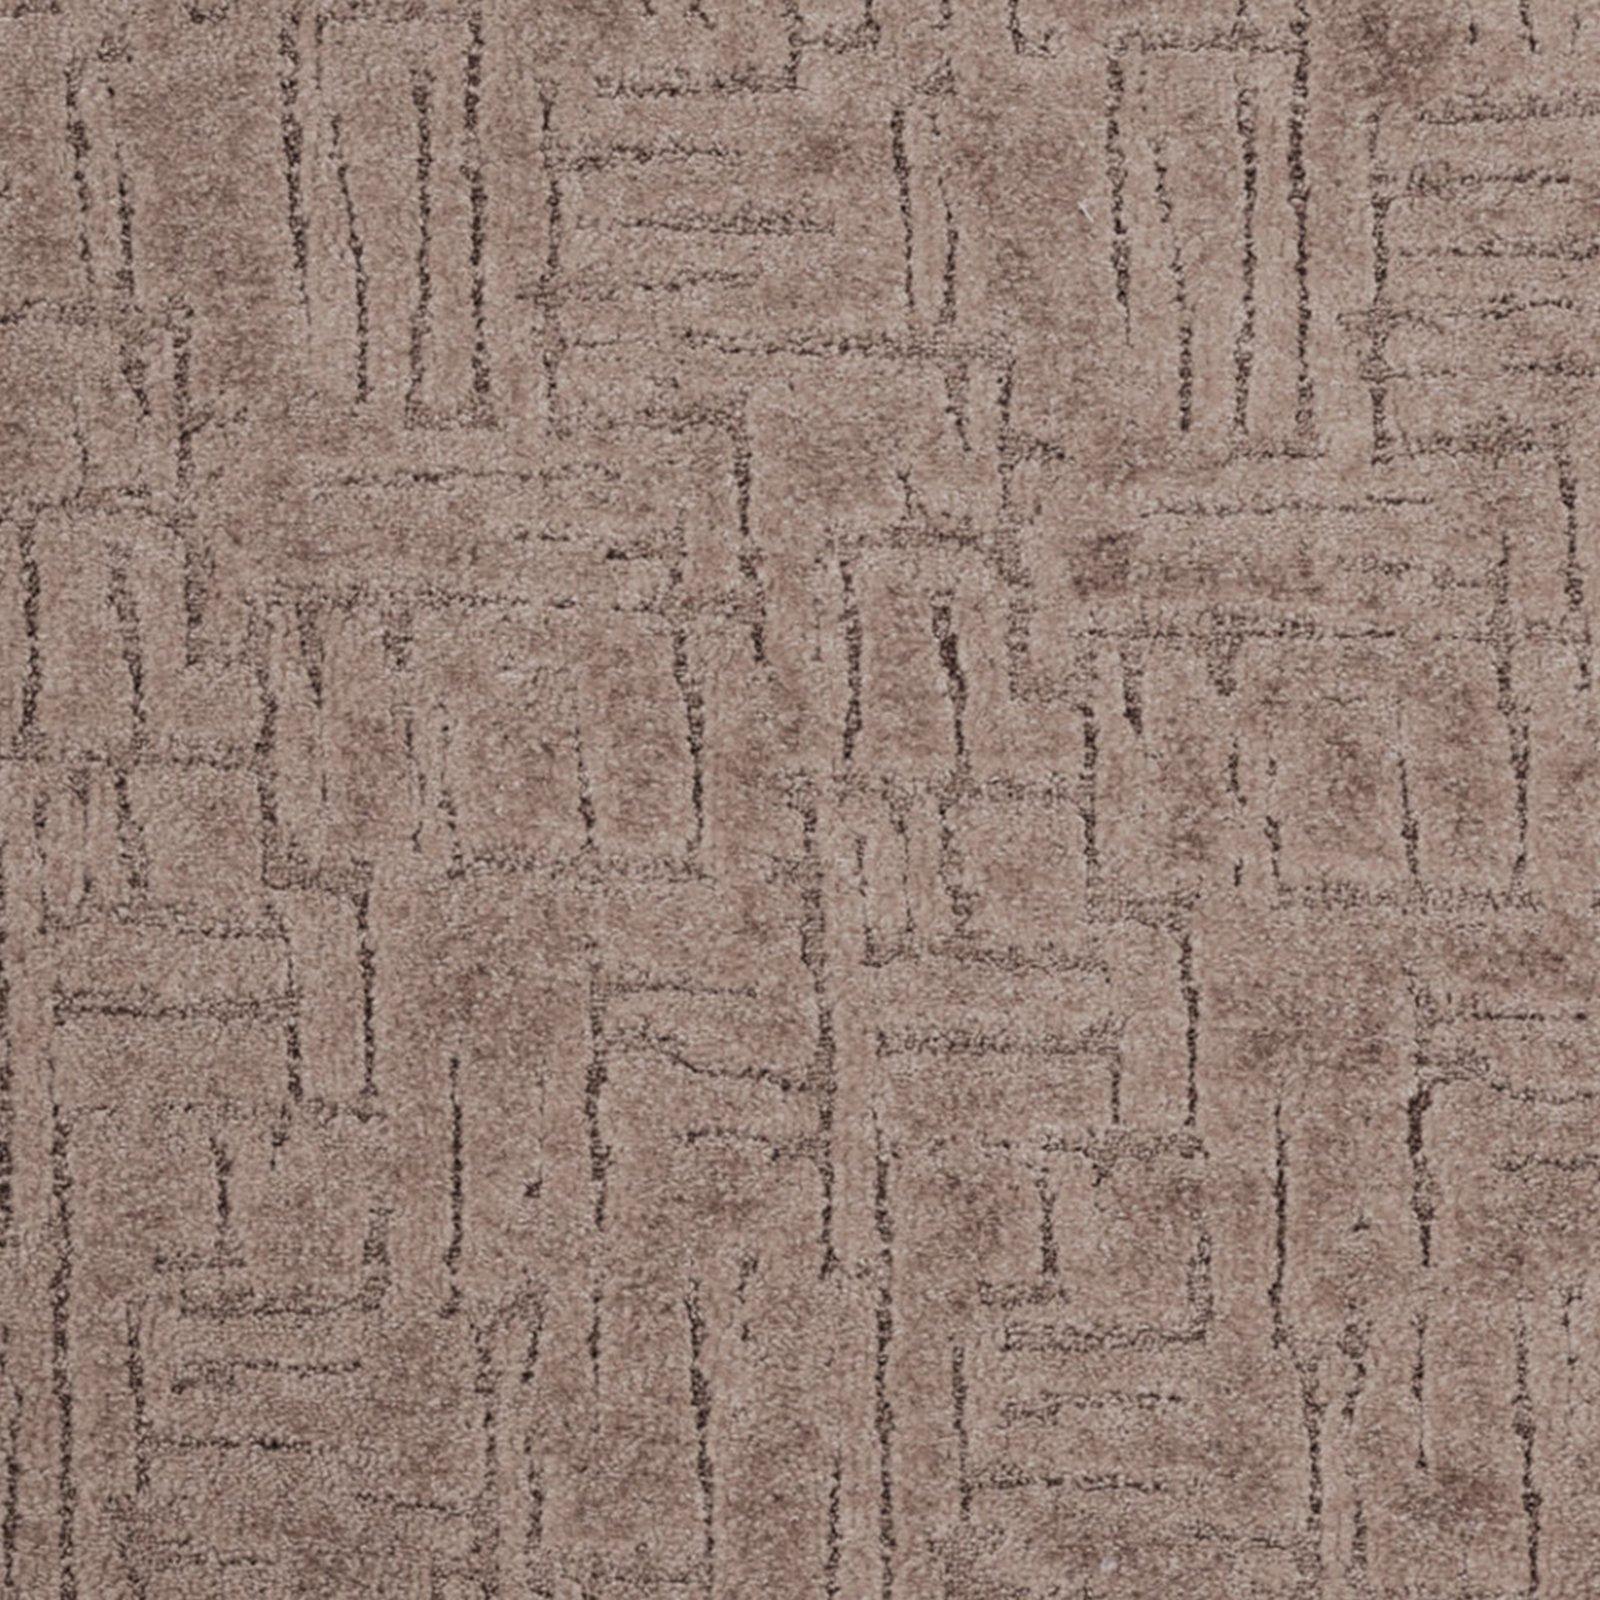 Teppichboden kasbar grau braun 4 meter breit for Kuchenzeile 4 meter breit